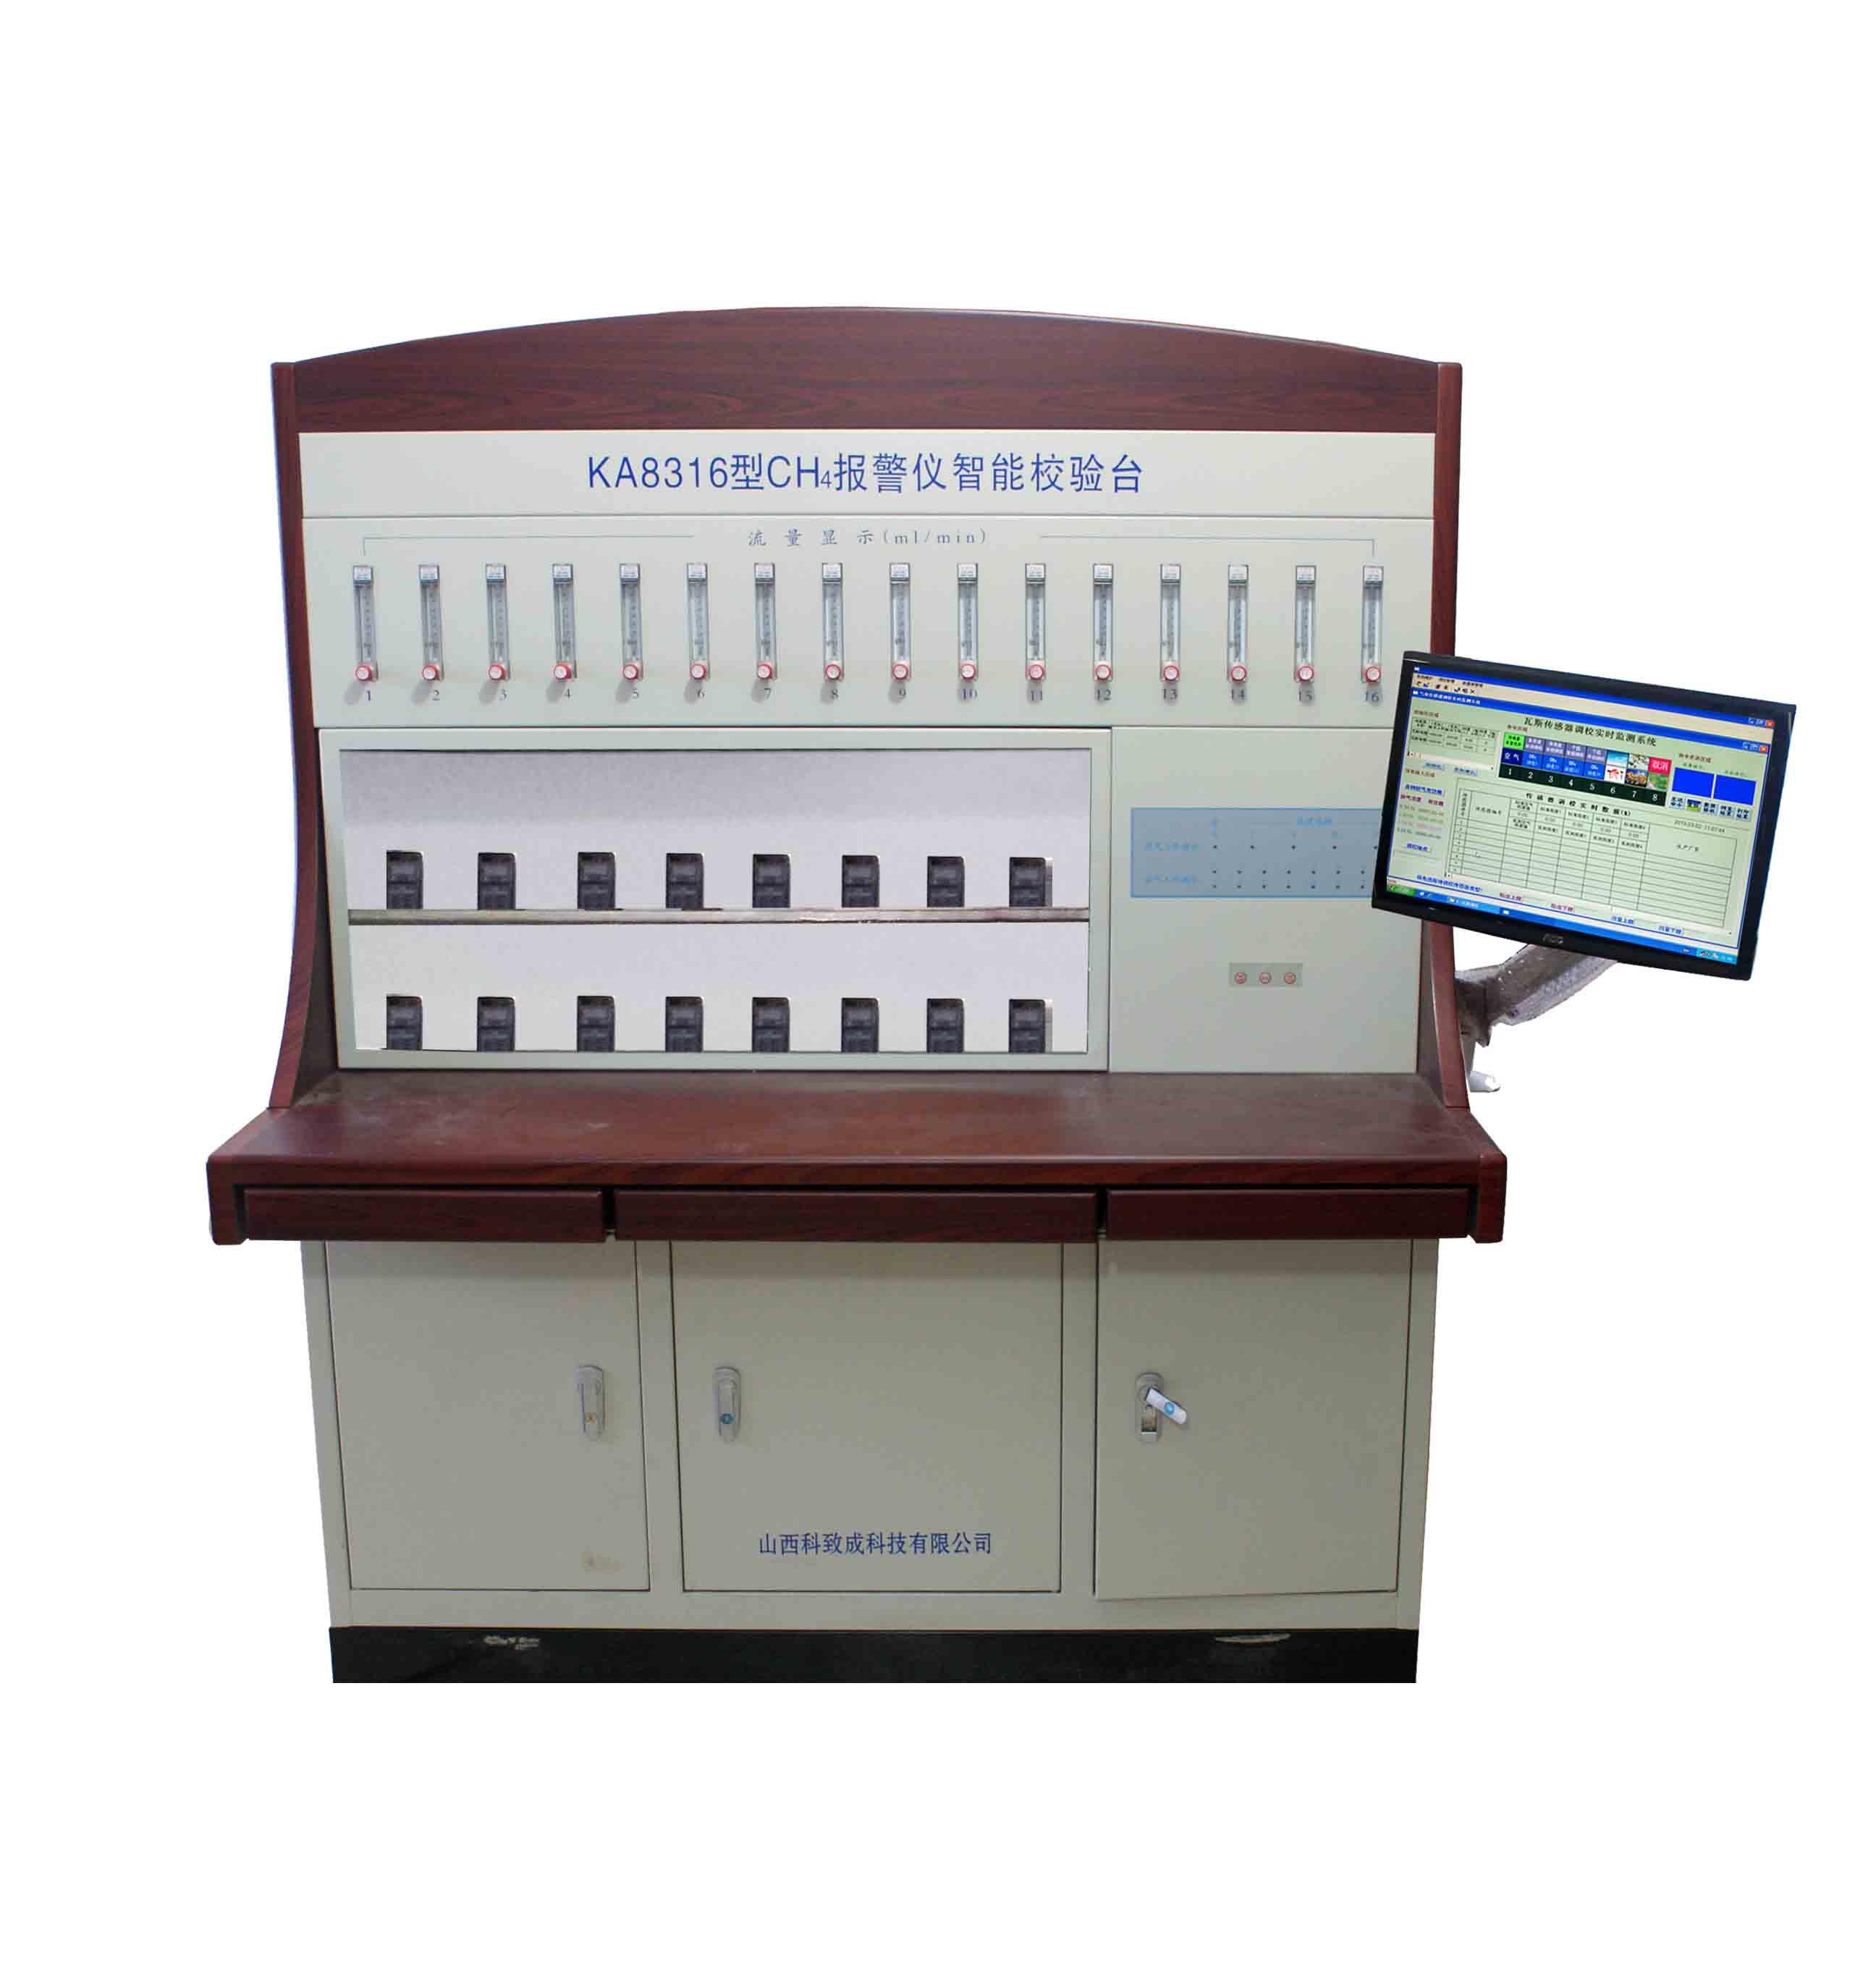 KA8316型甲烷报警仪智能校准装置